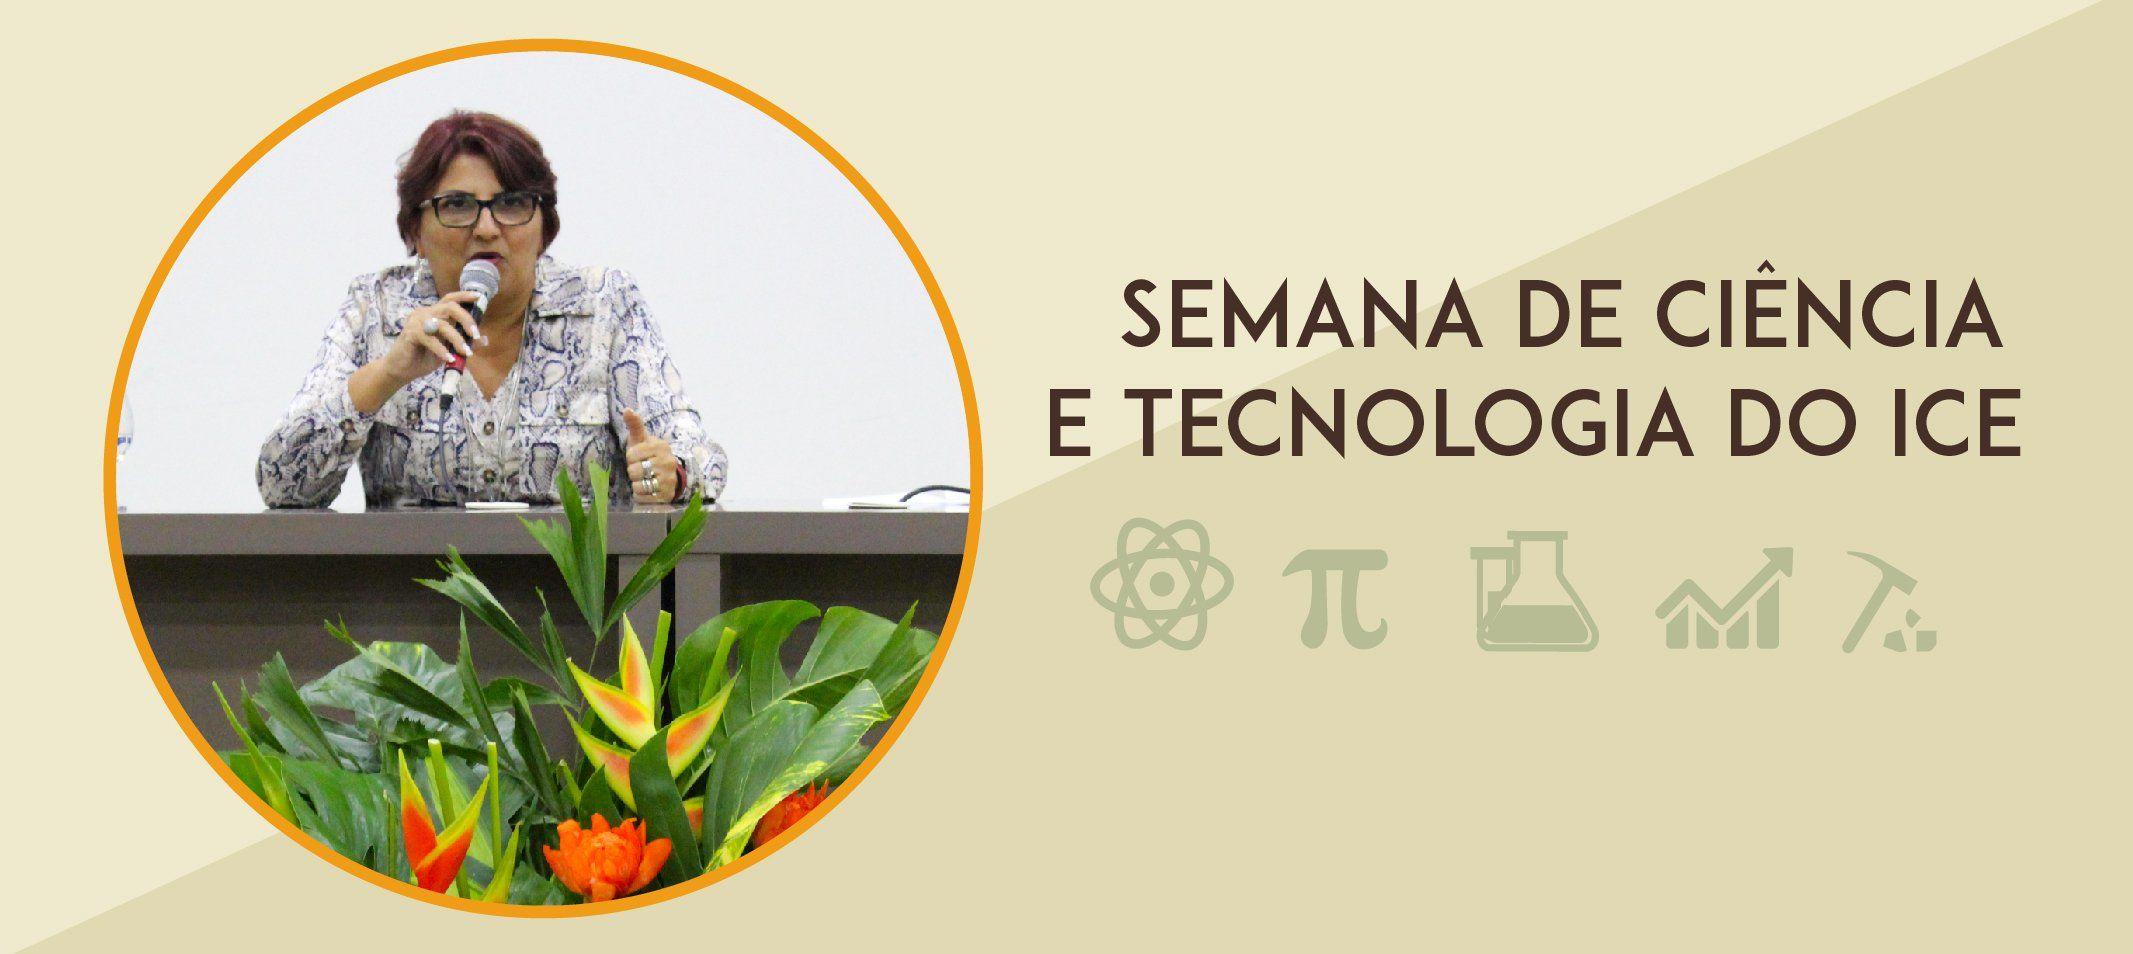 Semana de Ciência e Tecnologia do ICE inicia com palestra sobre sustentabilidade